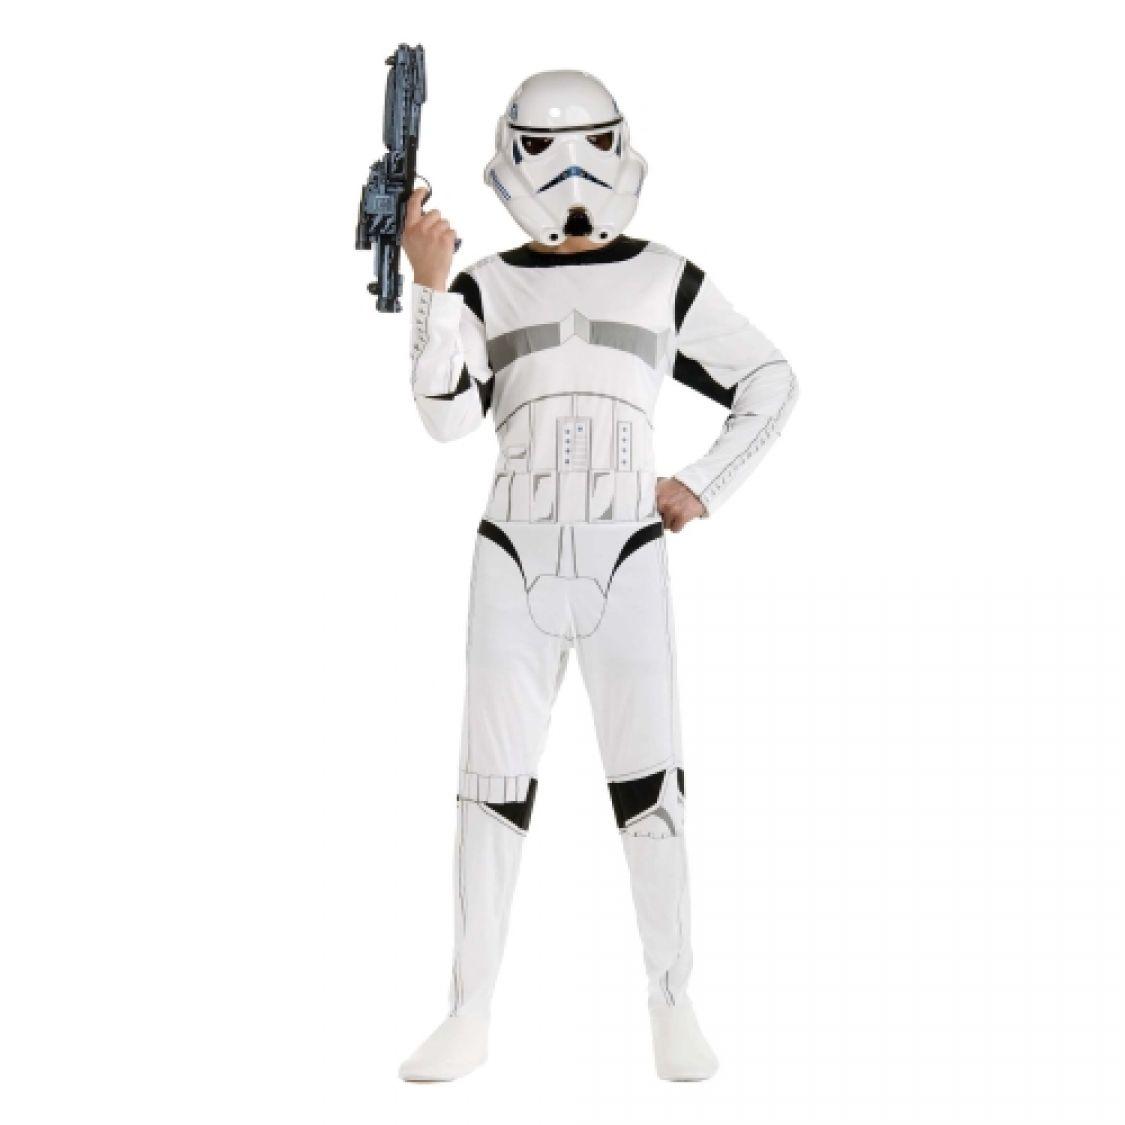 d guisement stormtrooper adulte star wars. Black Bedroom Furniture Sets. Home Design Ideas